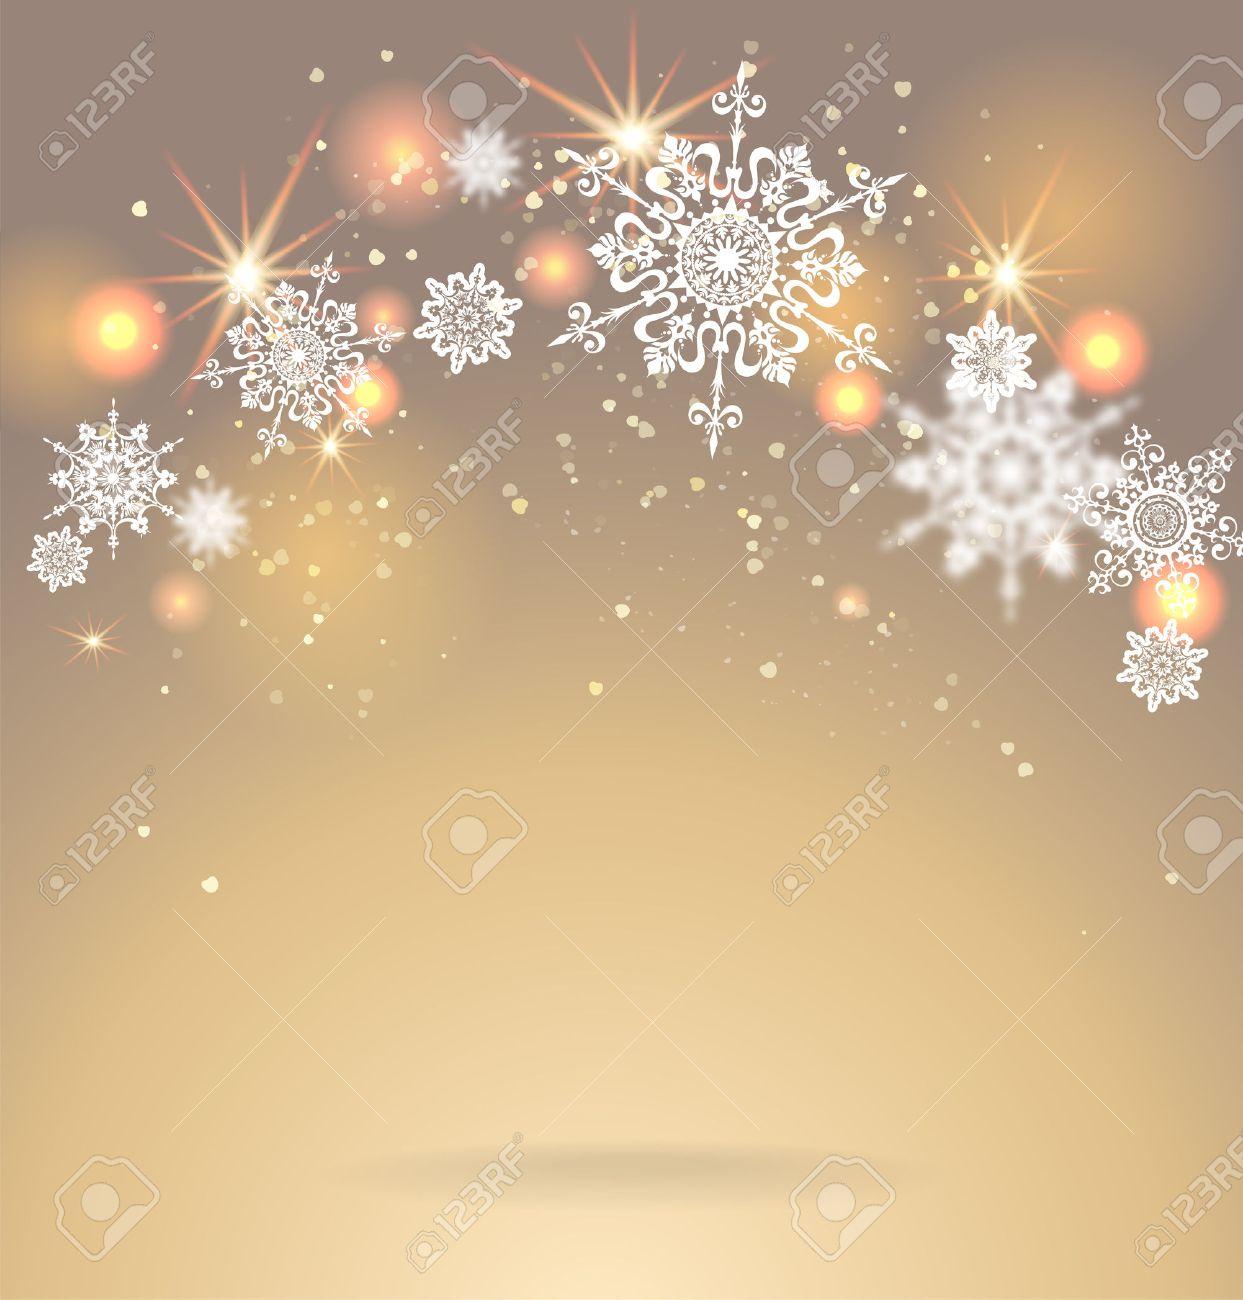 Shining snoweflakes on golden background. Holiday seasonal card. - 33460371